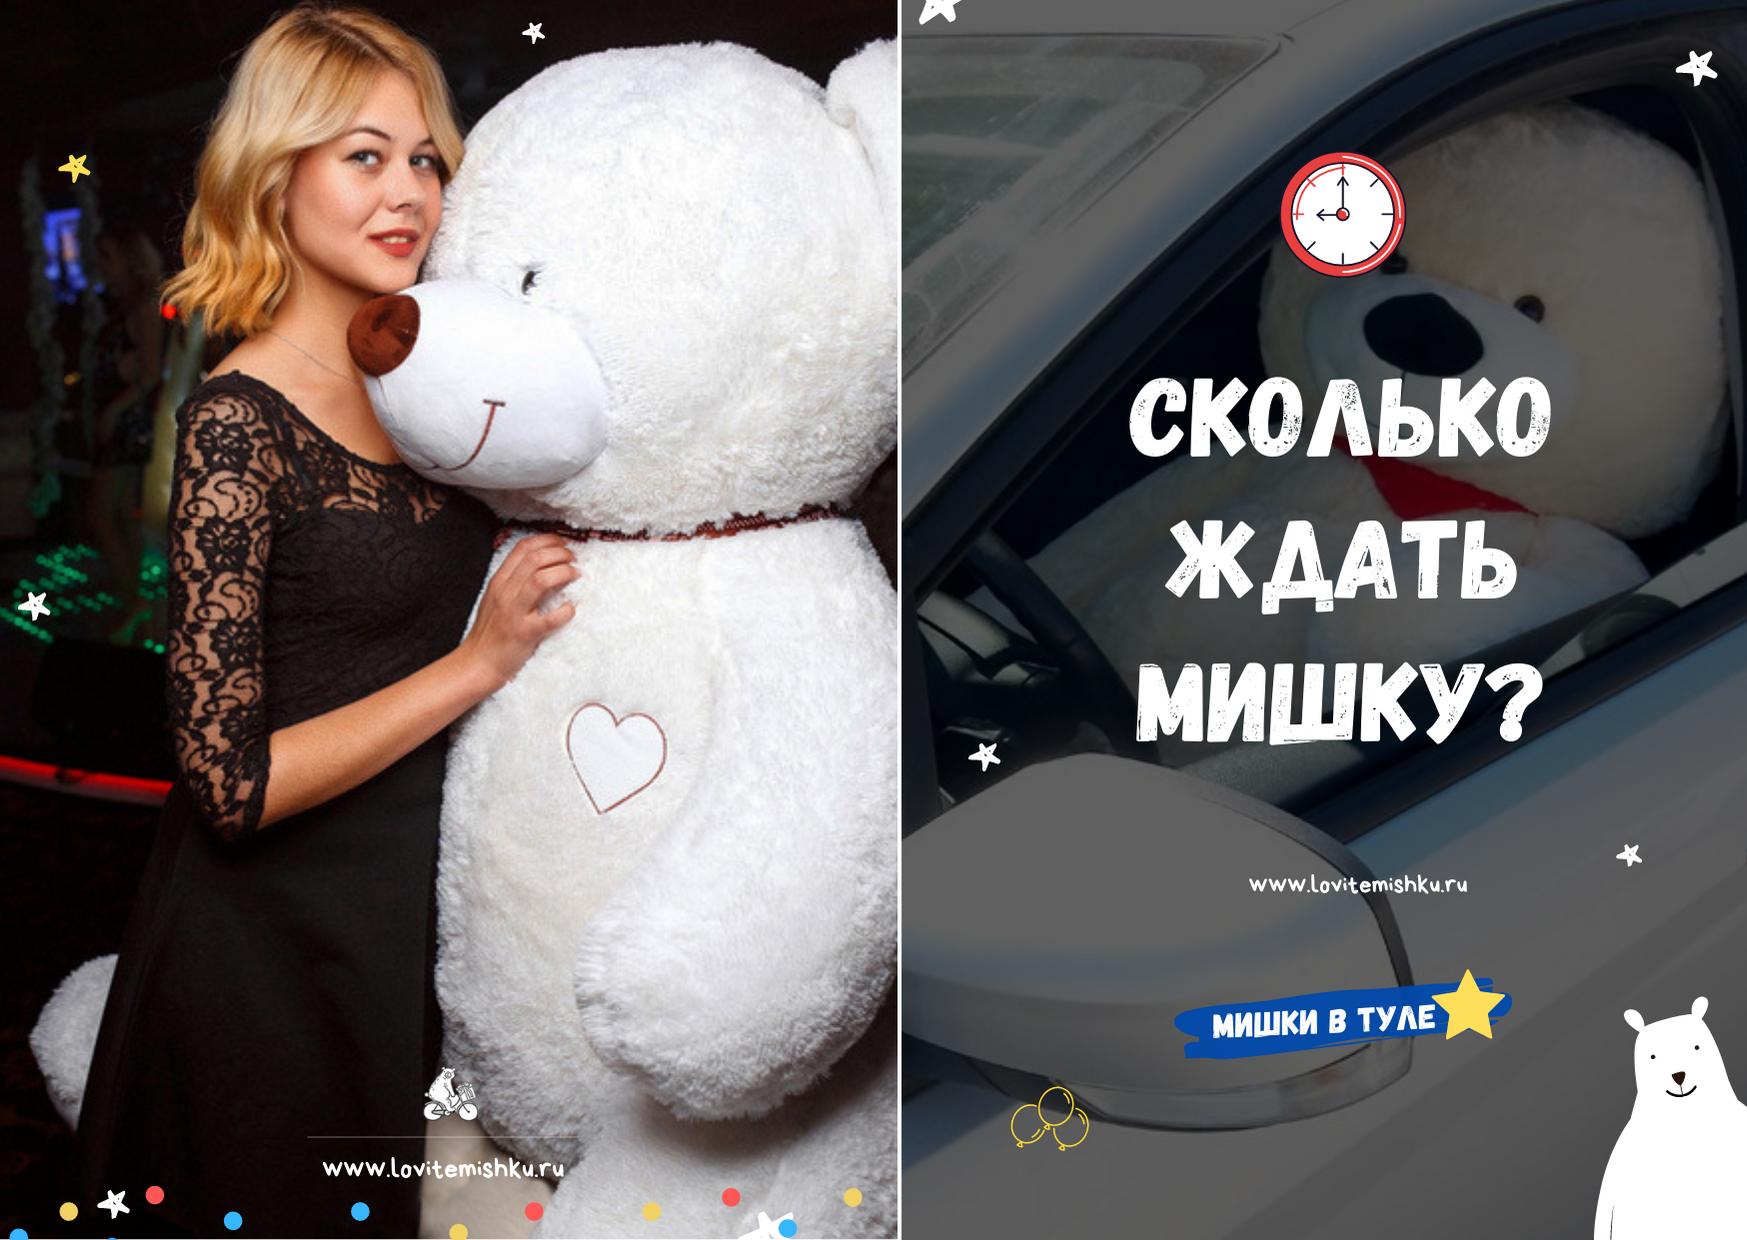 https://lovitemishku.ru/images/upload/Подари%20ей%20повод%20для%20улыбки.png